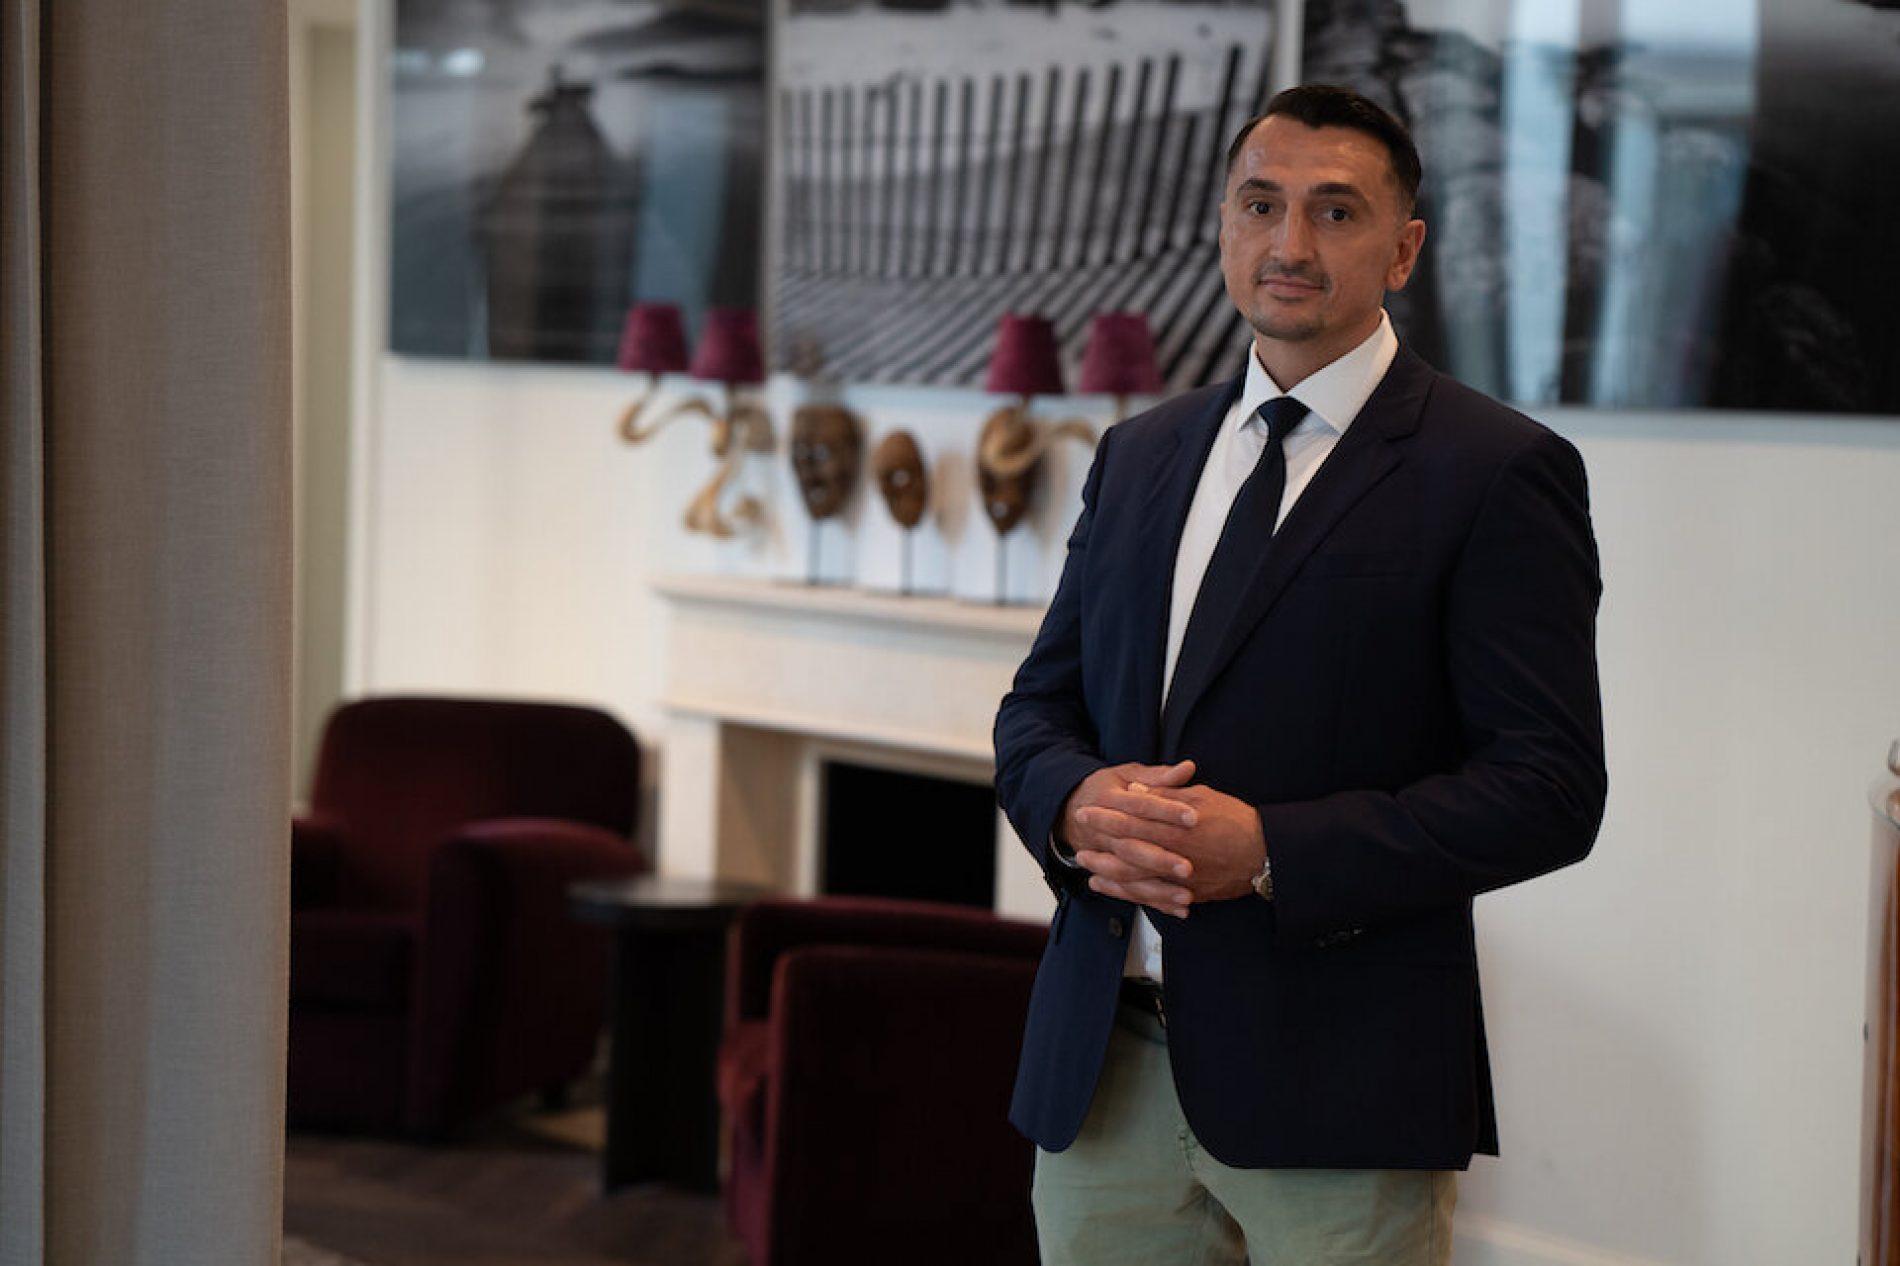 Emir Begović sa svojom šestočlanom porodicom doselio u rodno Goražde, namjerava investirati u sport i rekreaciju